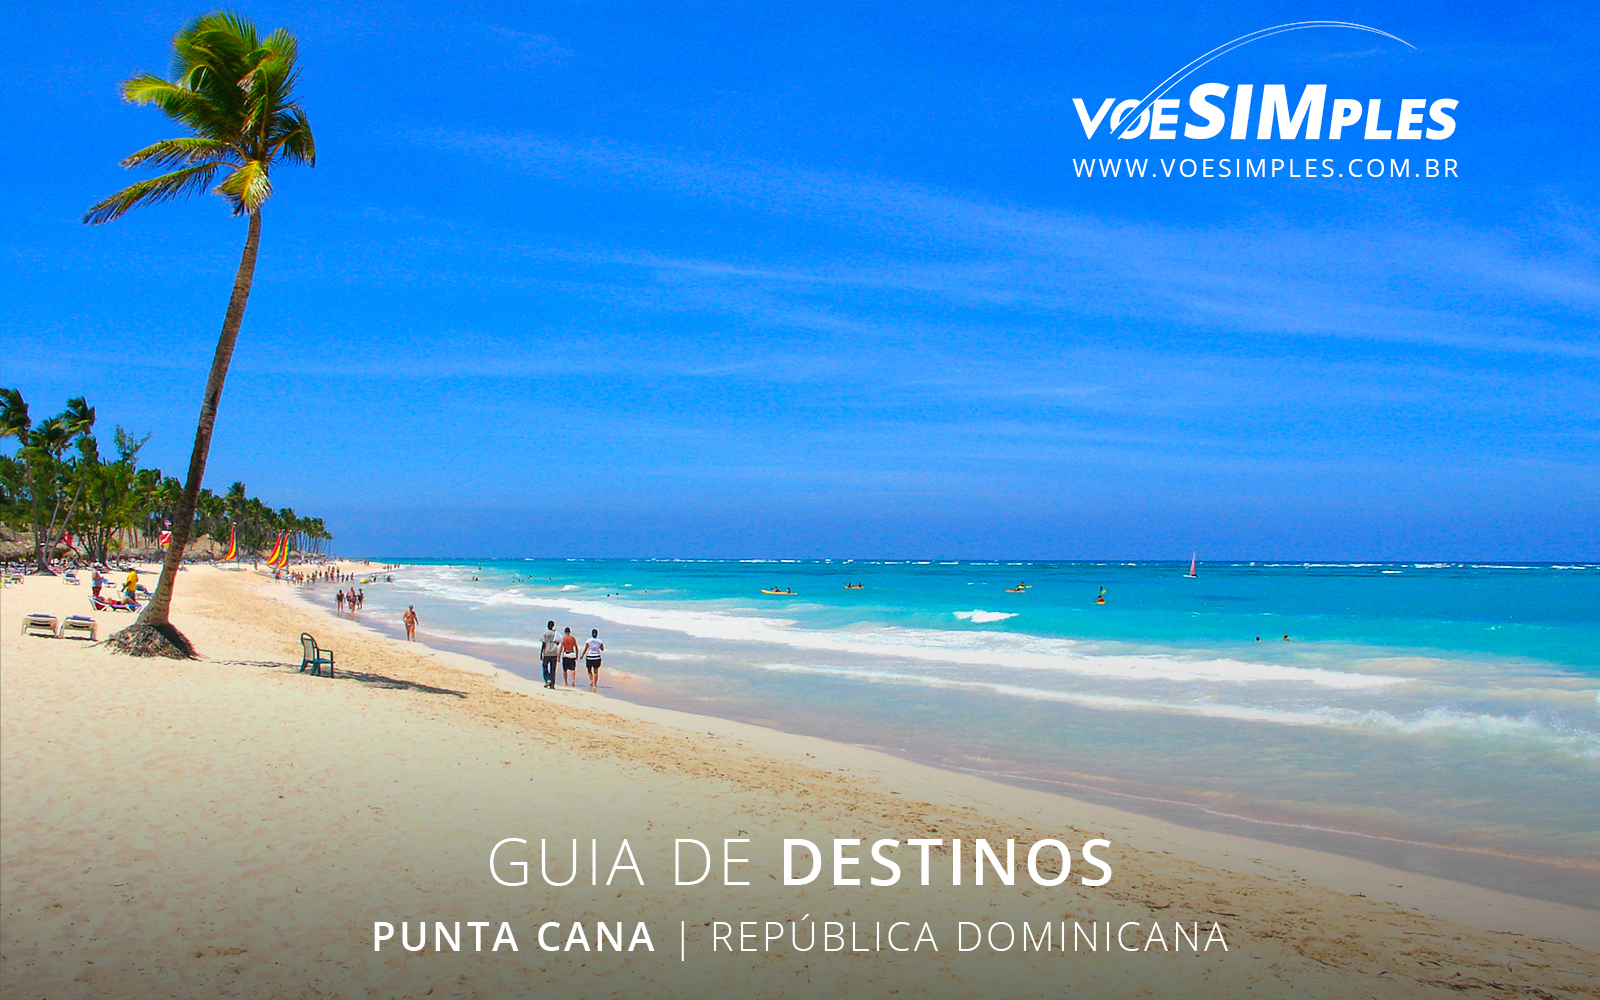 fotos-guia-destinos-voe-simples-punta-cana-caribe-guia-viagens-voesimples-punta-cana-caribe-pontos-turisticos-punta-cana-caribe-fotos-punta-cana-05@2x